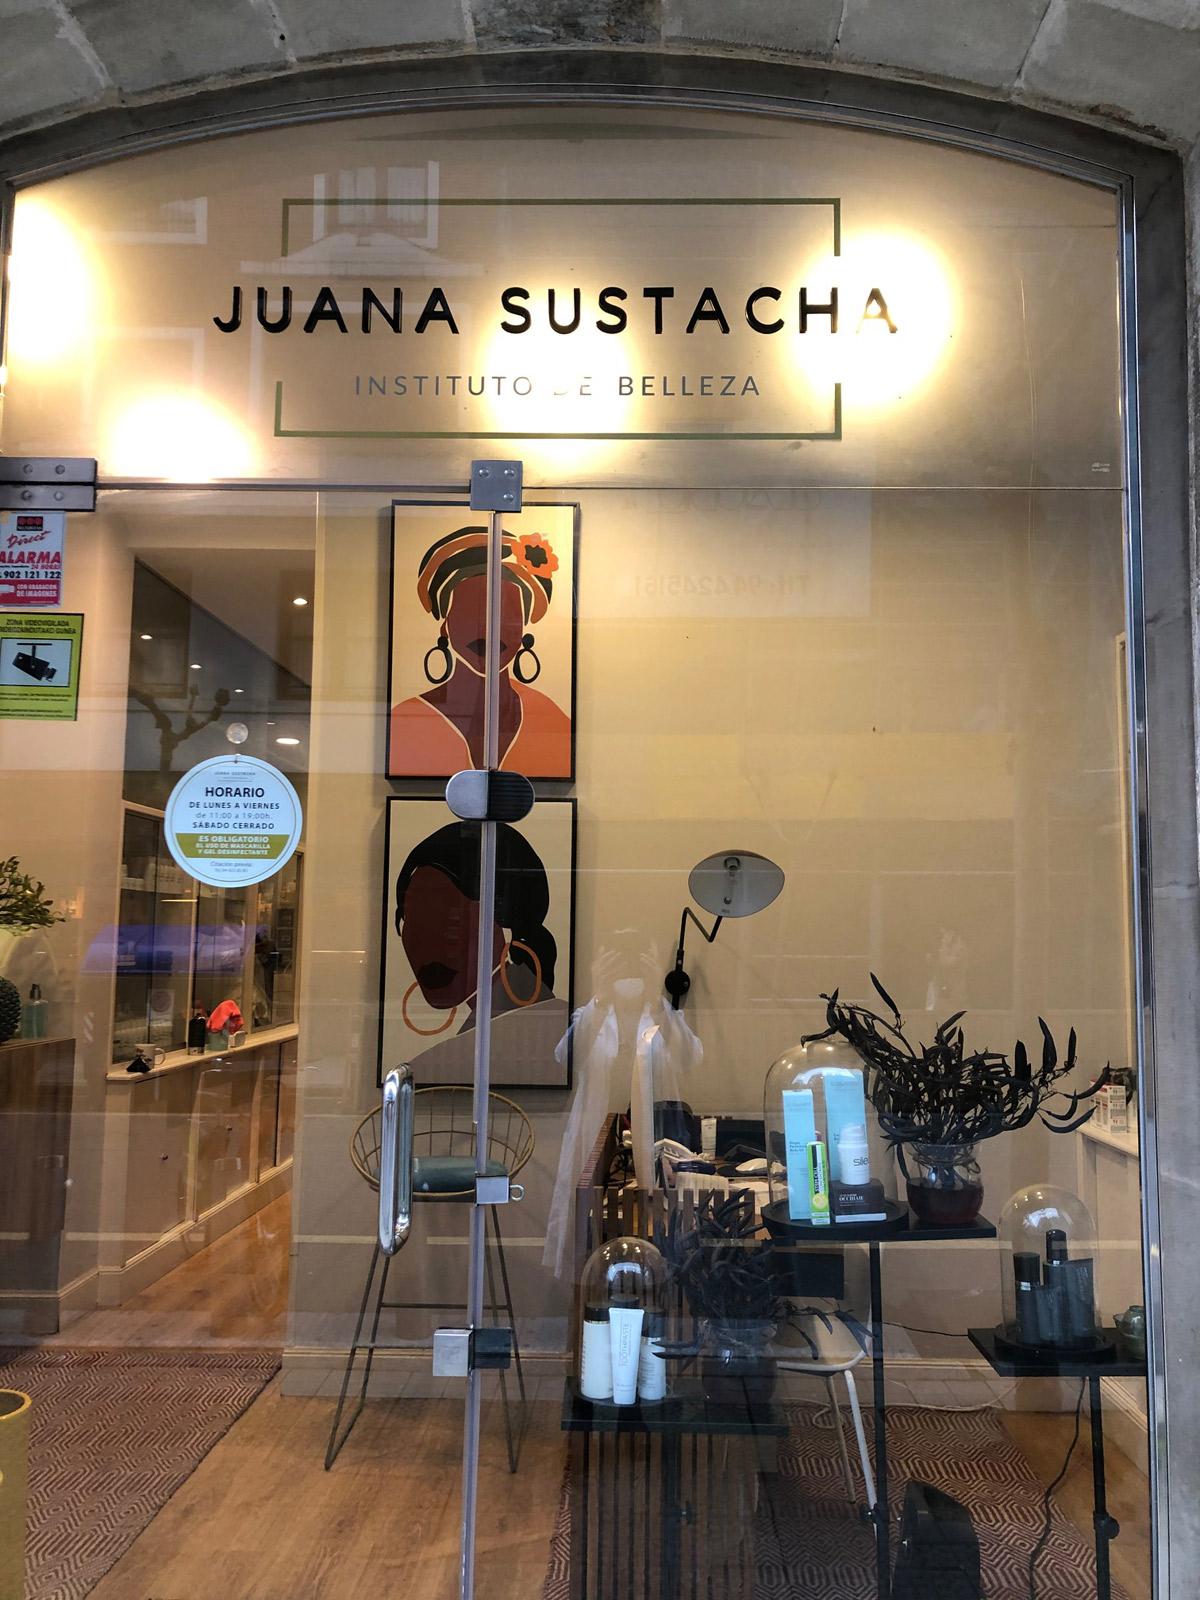 Instituto de belleza y medicina estética en Bilbao, Juana Sustacha